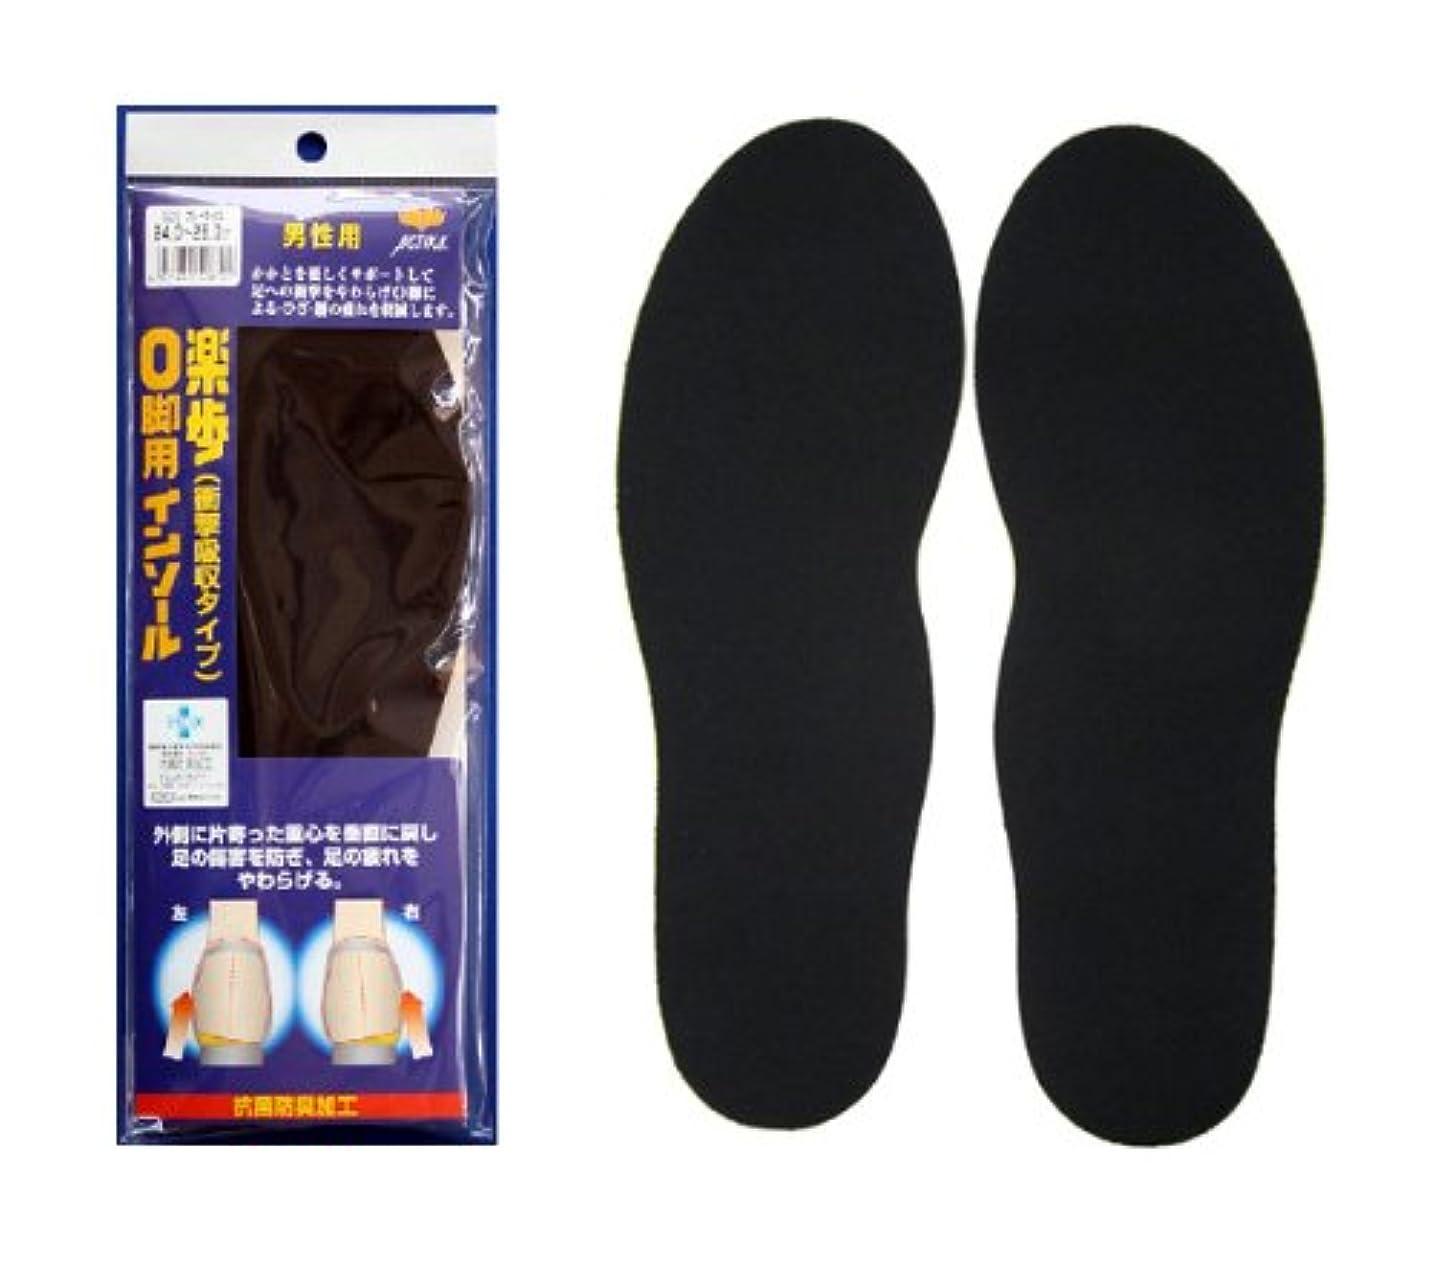 タンザニア期限知恵楽歩 O脚用インソール 男性用(24.0~28.0cm) 2足セット  No.162